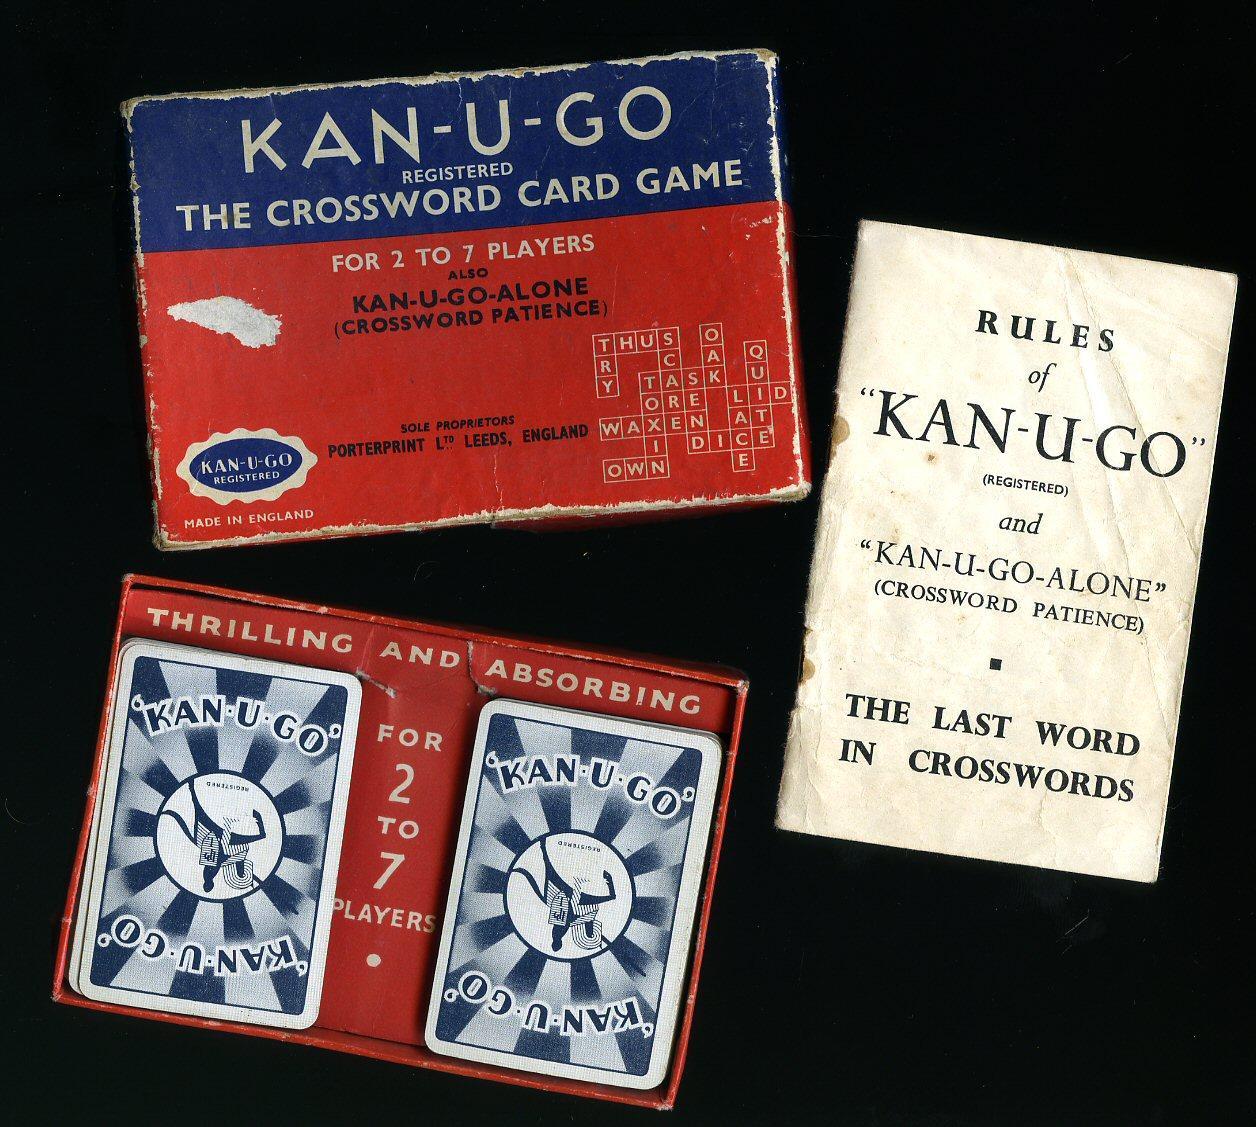 Kan-U-Go The Crossword Card Game; Crossword Patience